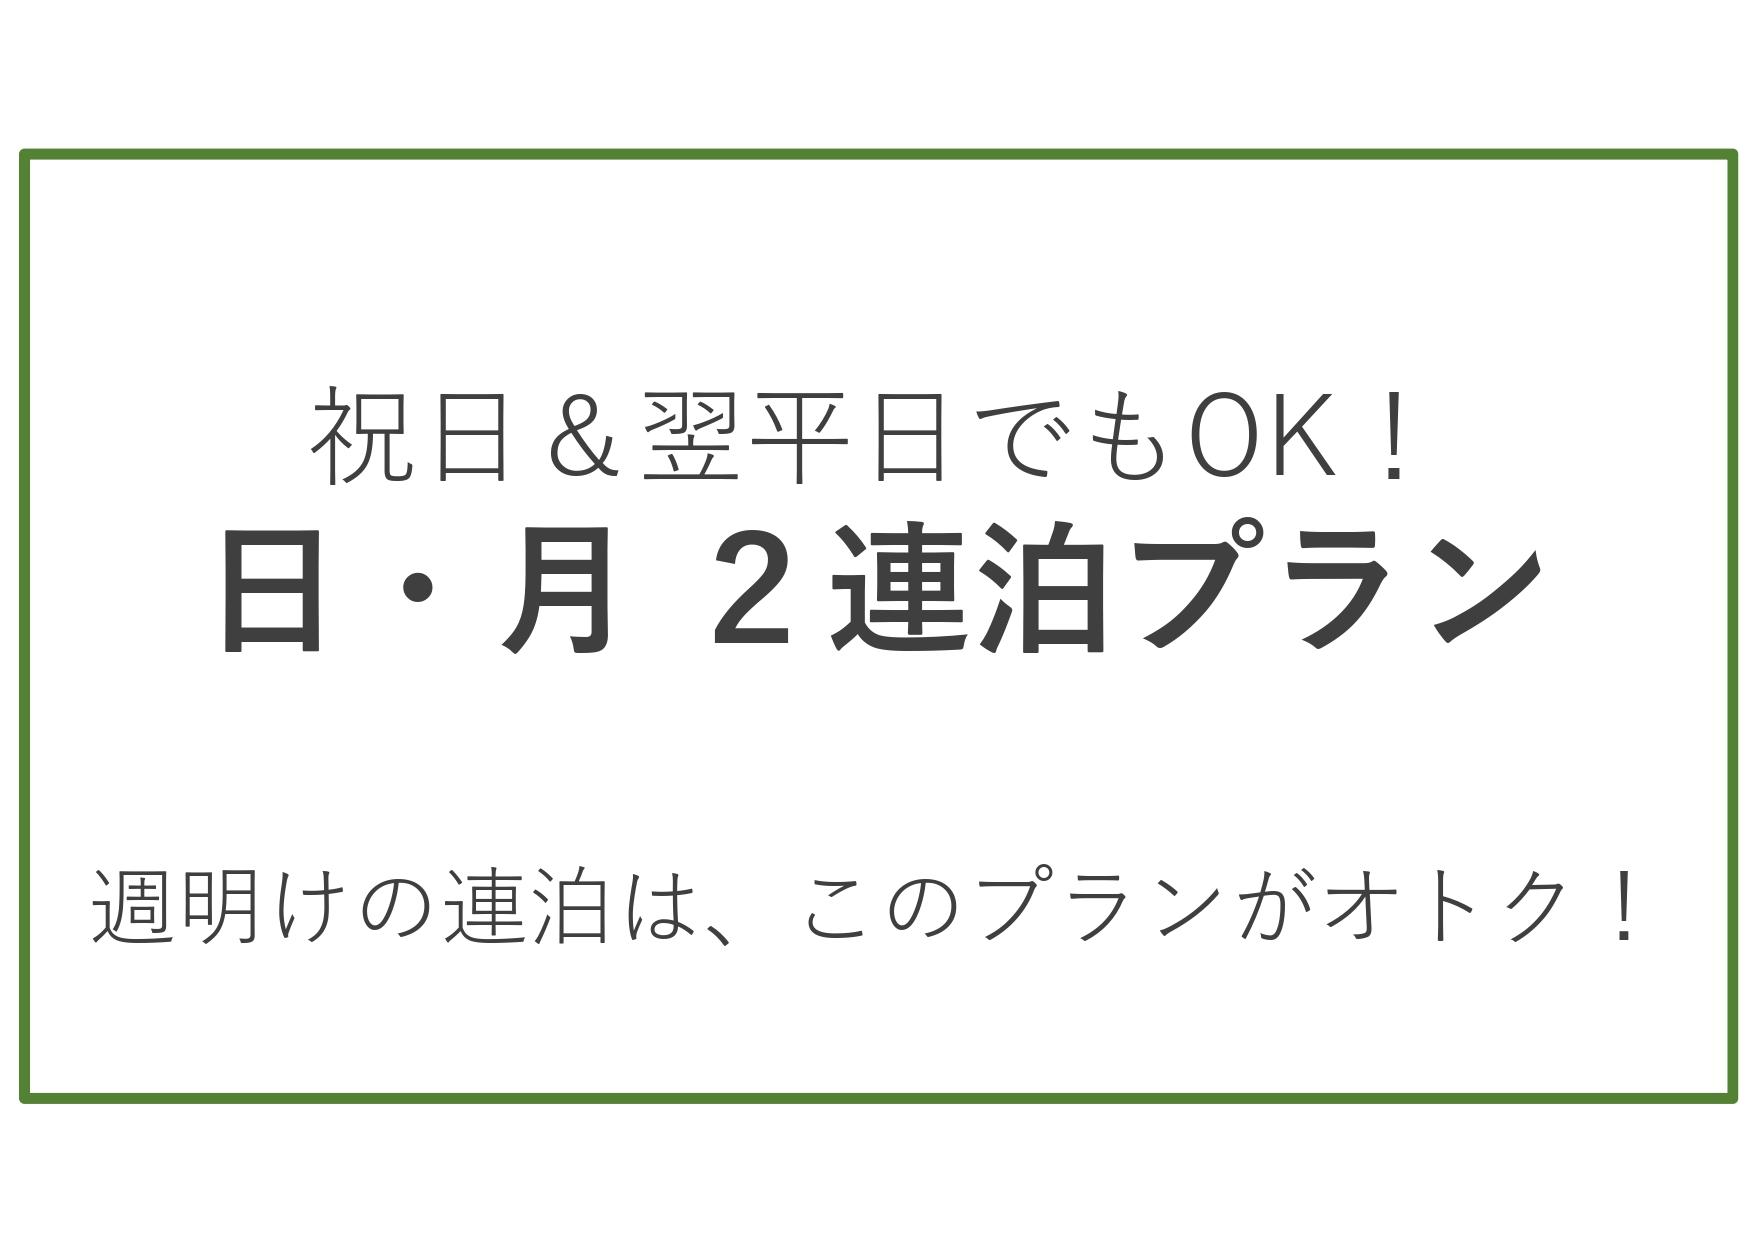 静岡ユーアイホテル 関連画像 4枚目 楽天トラベル提供